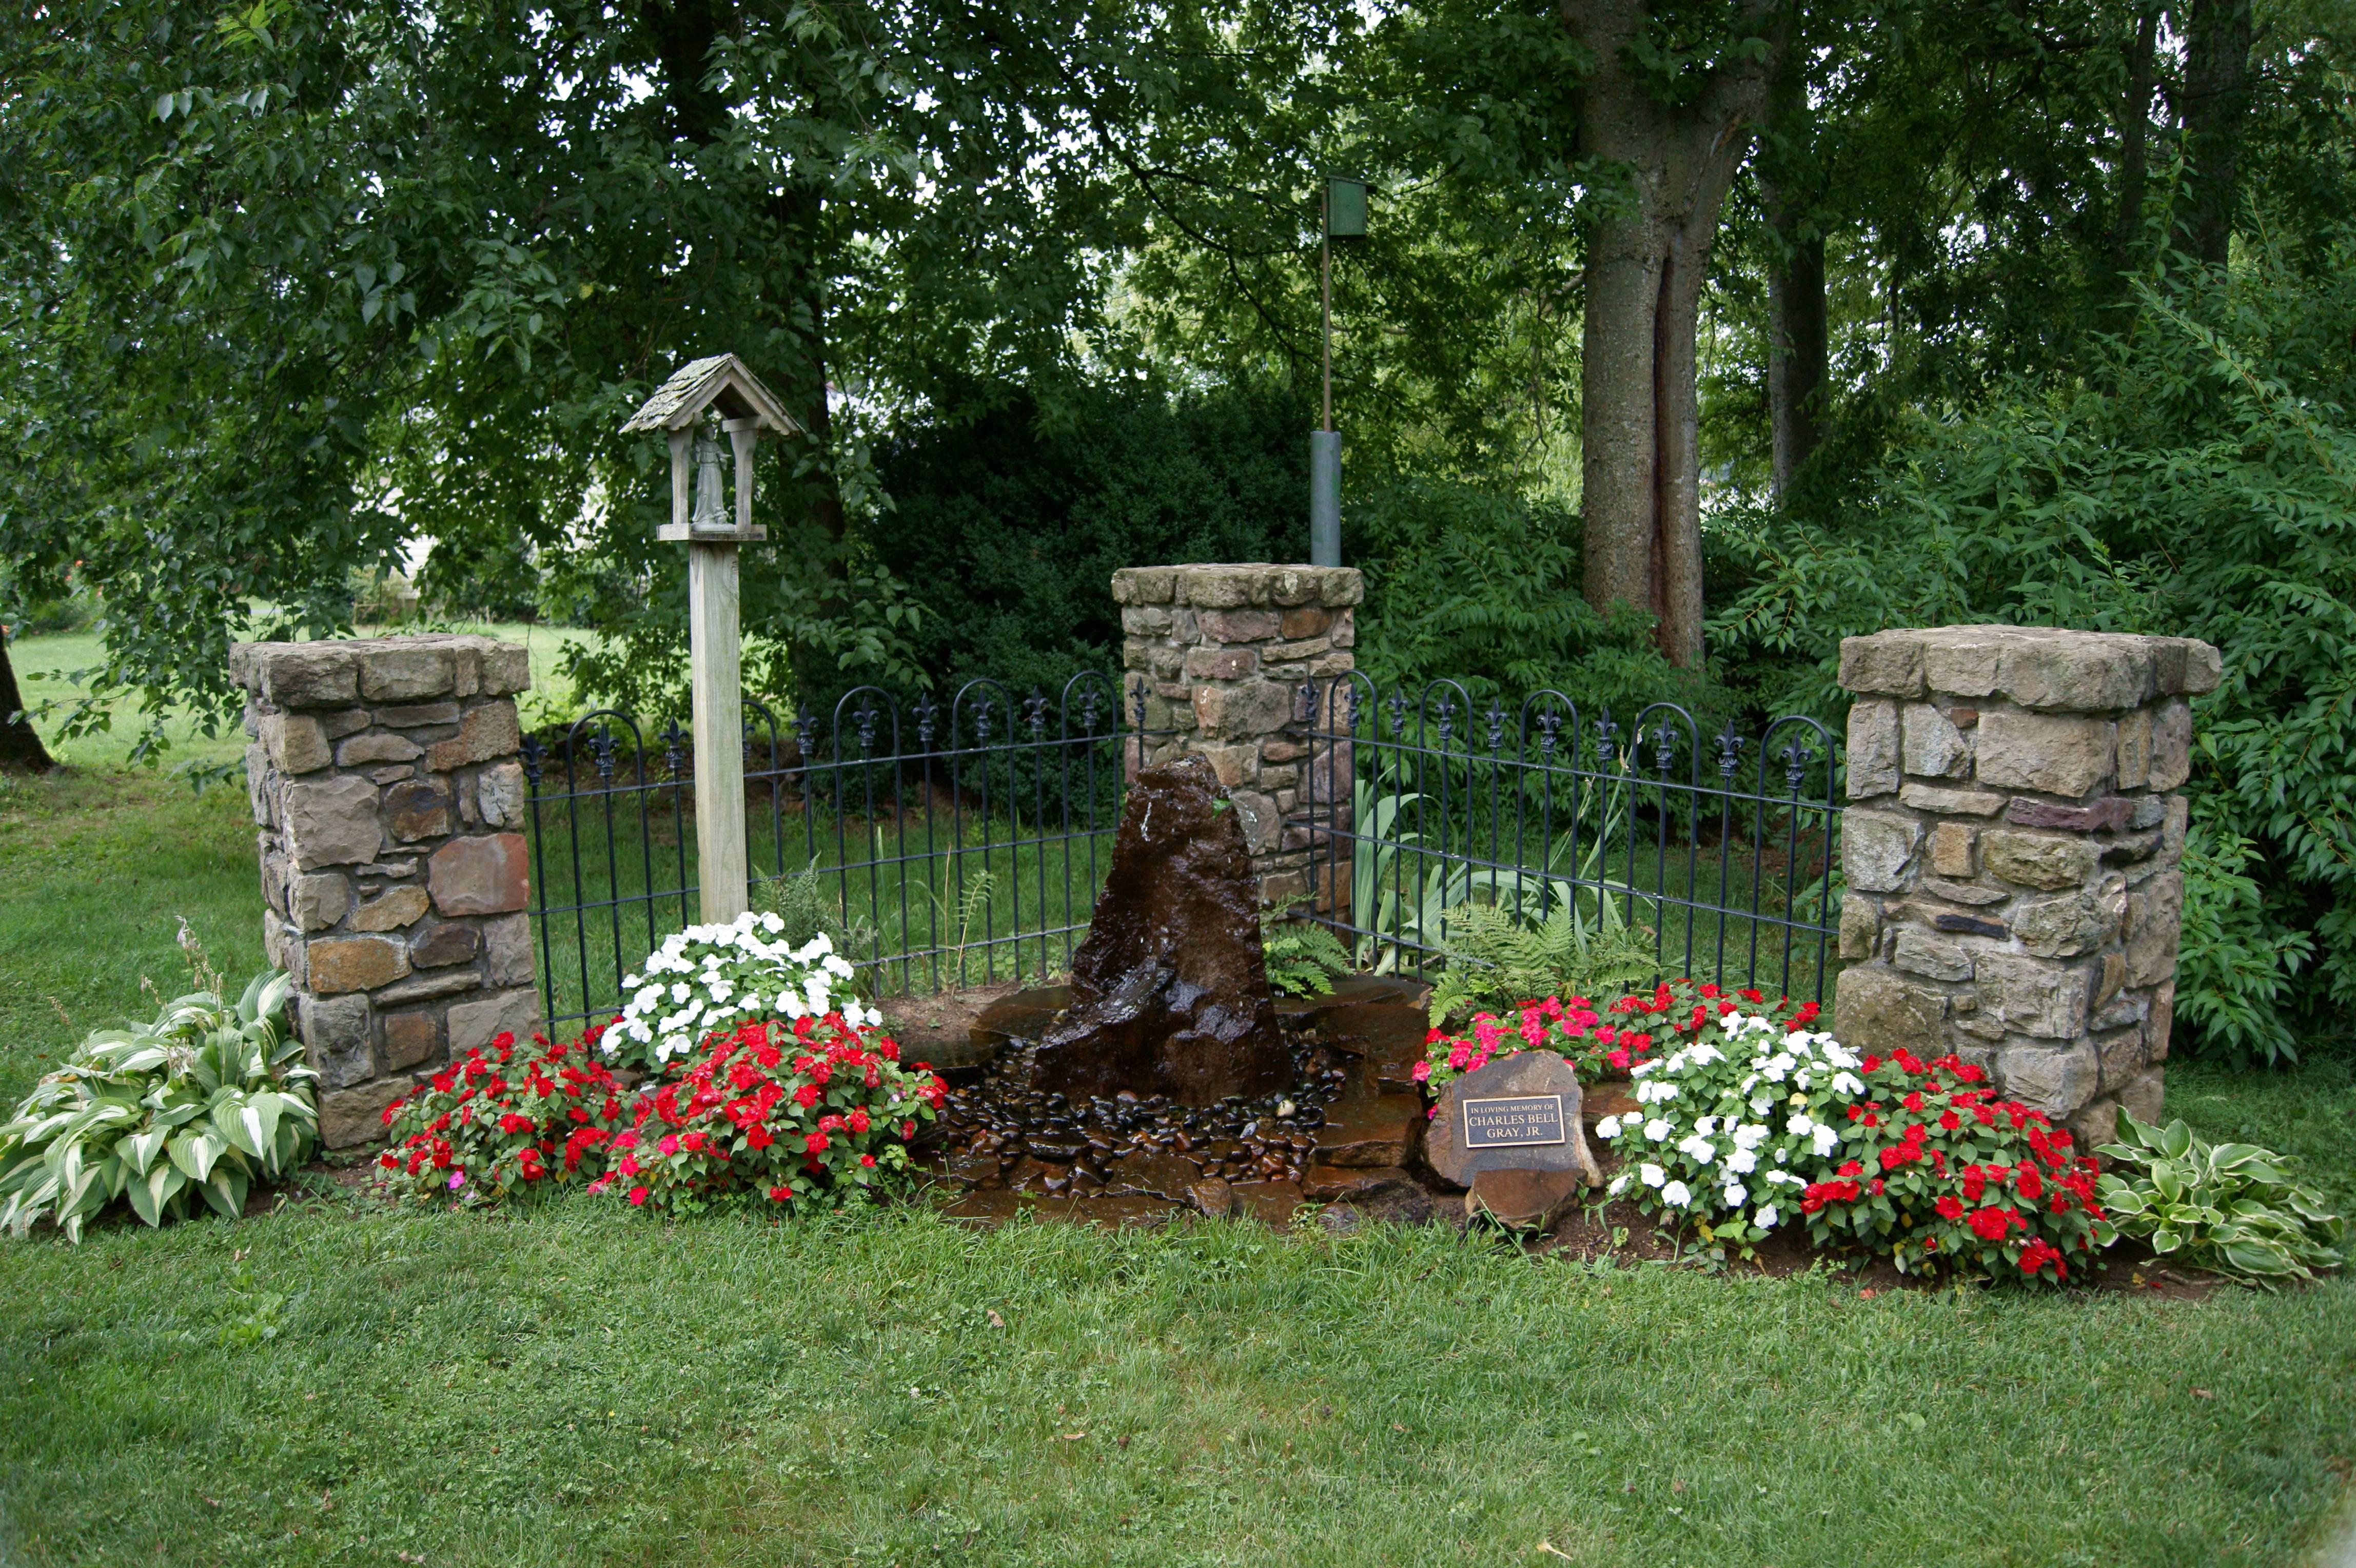 Memorial Garden Design and Ideas